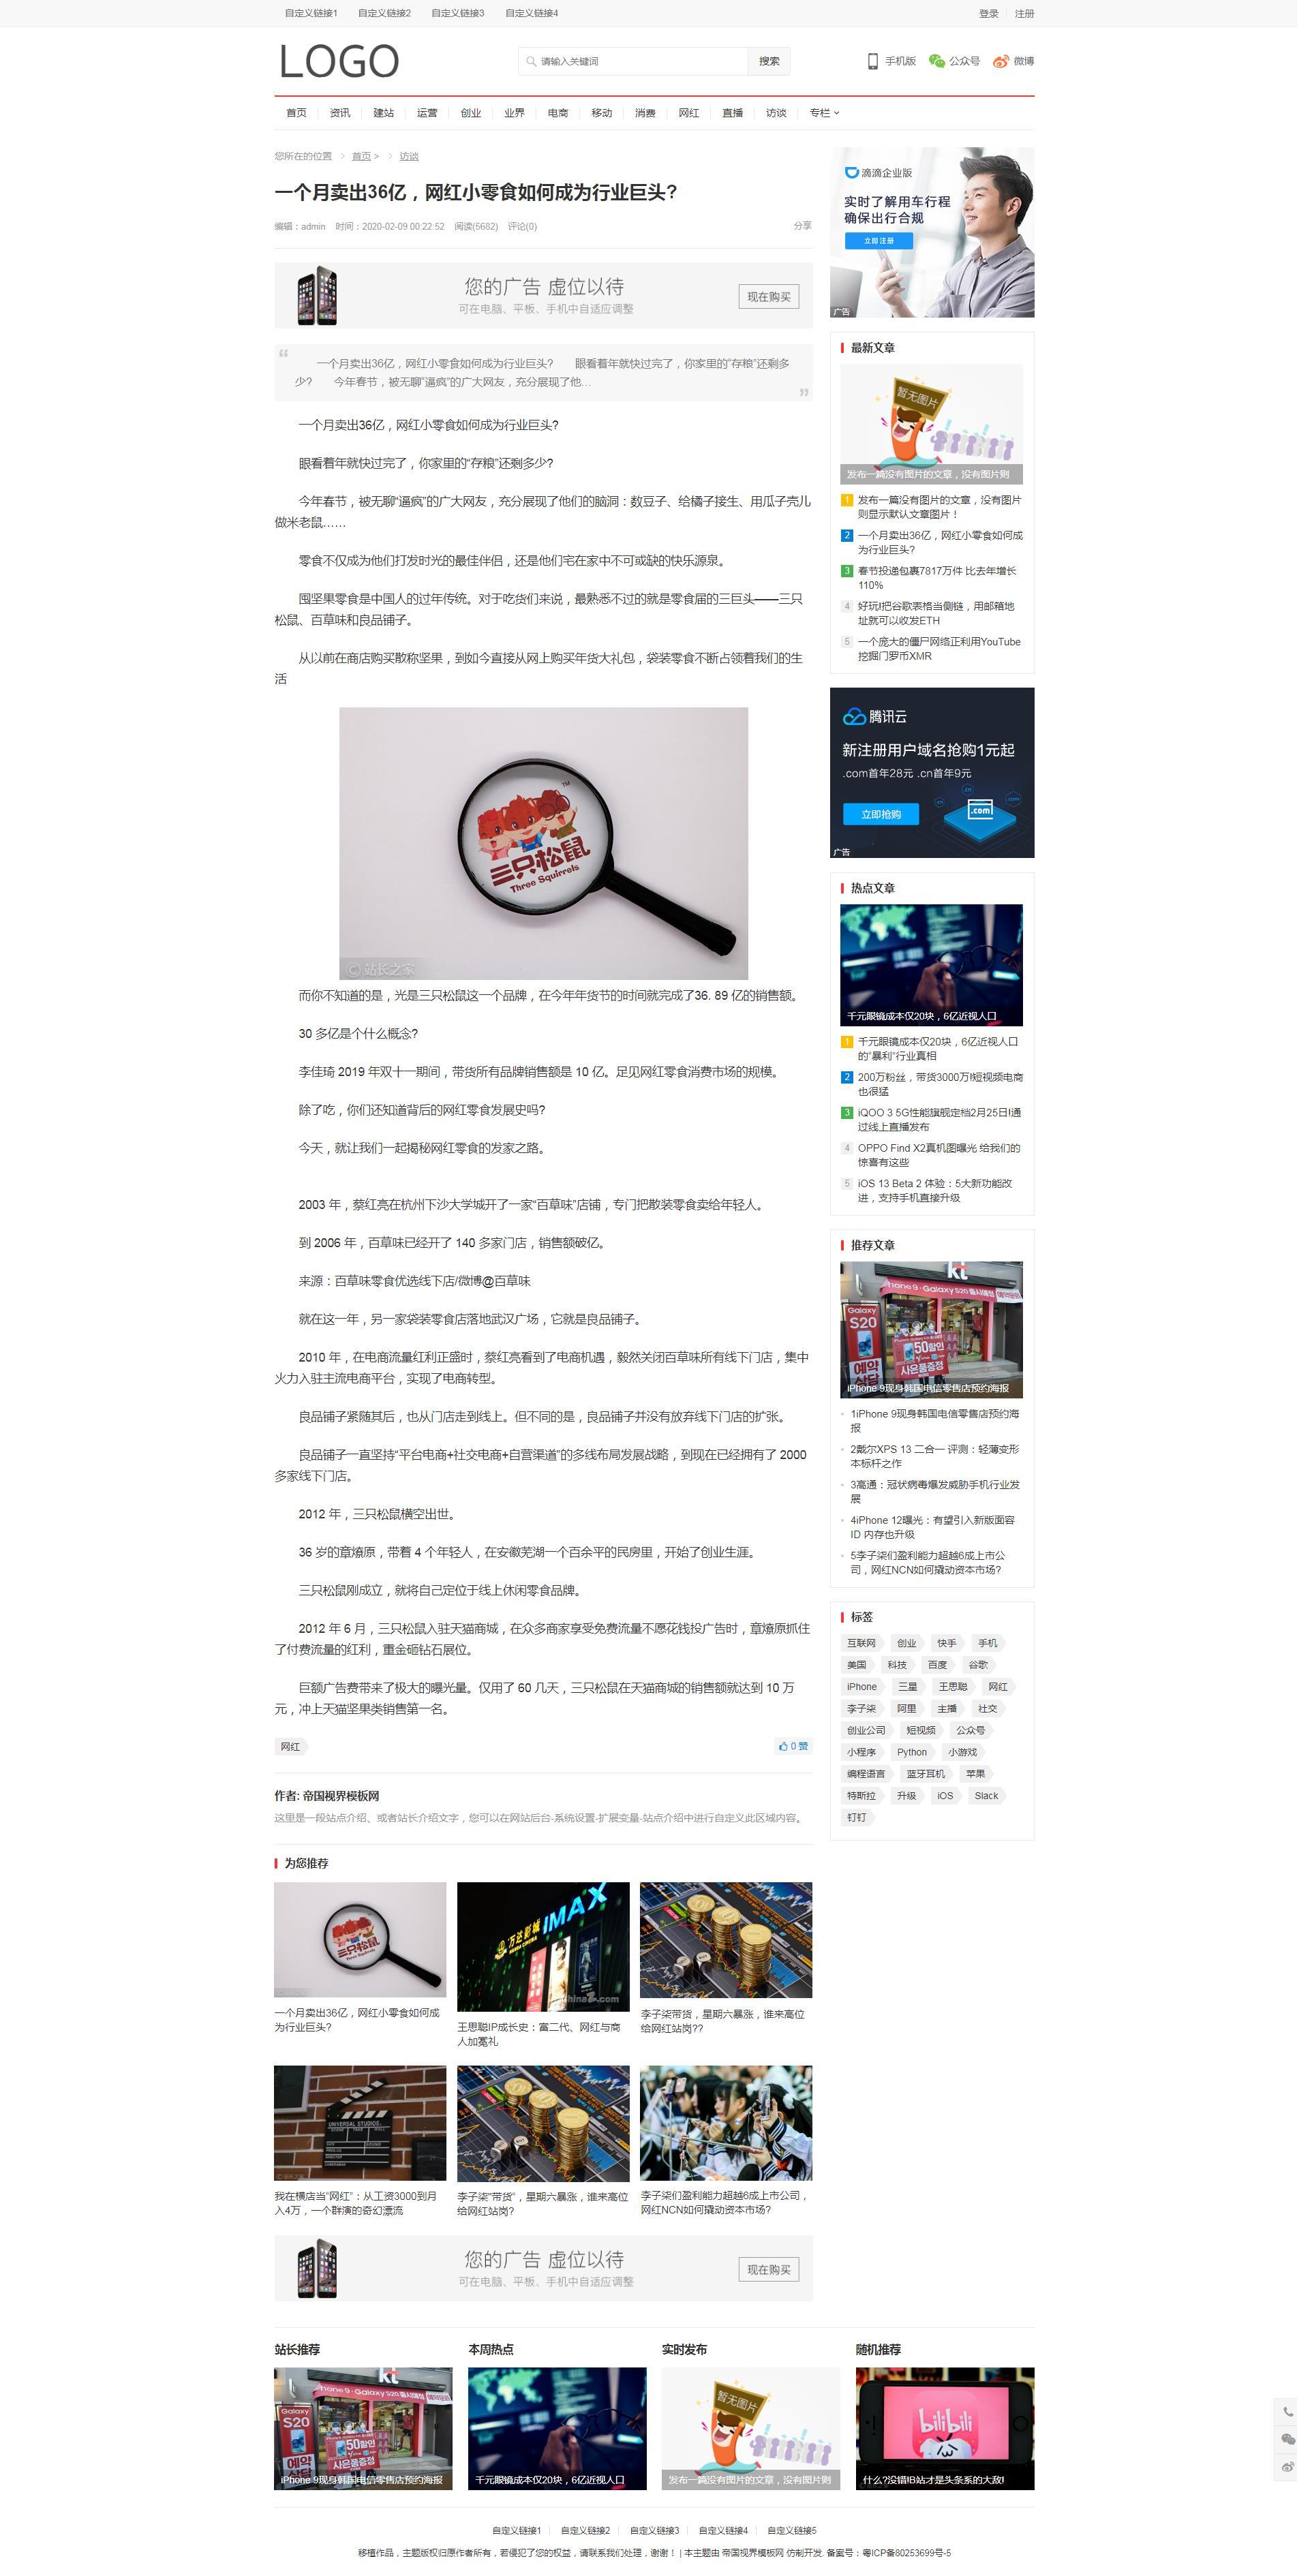 文章内容页.jpg [DG-063]帝国CMS自适应高端自媒体博客文章资讯模板(带会员中心) 新闻资讯 第3张